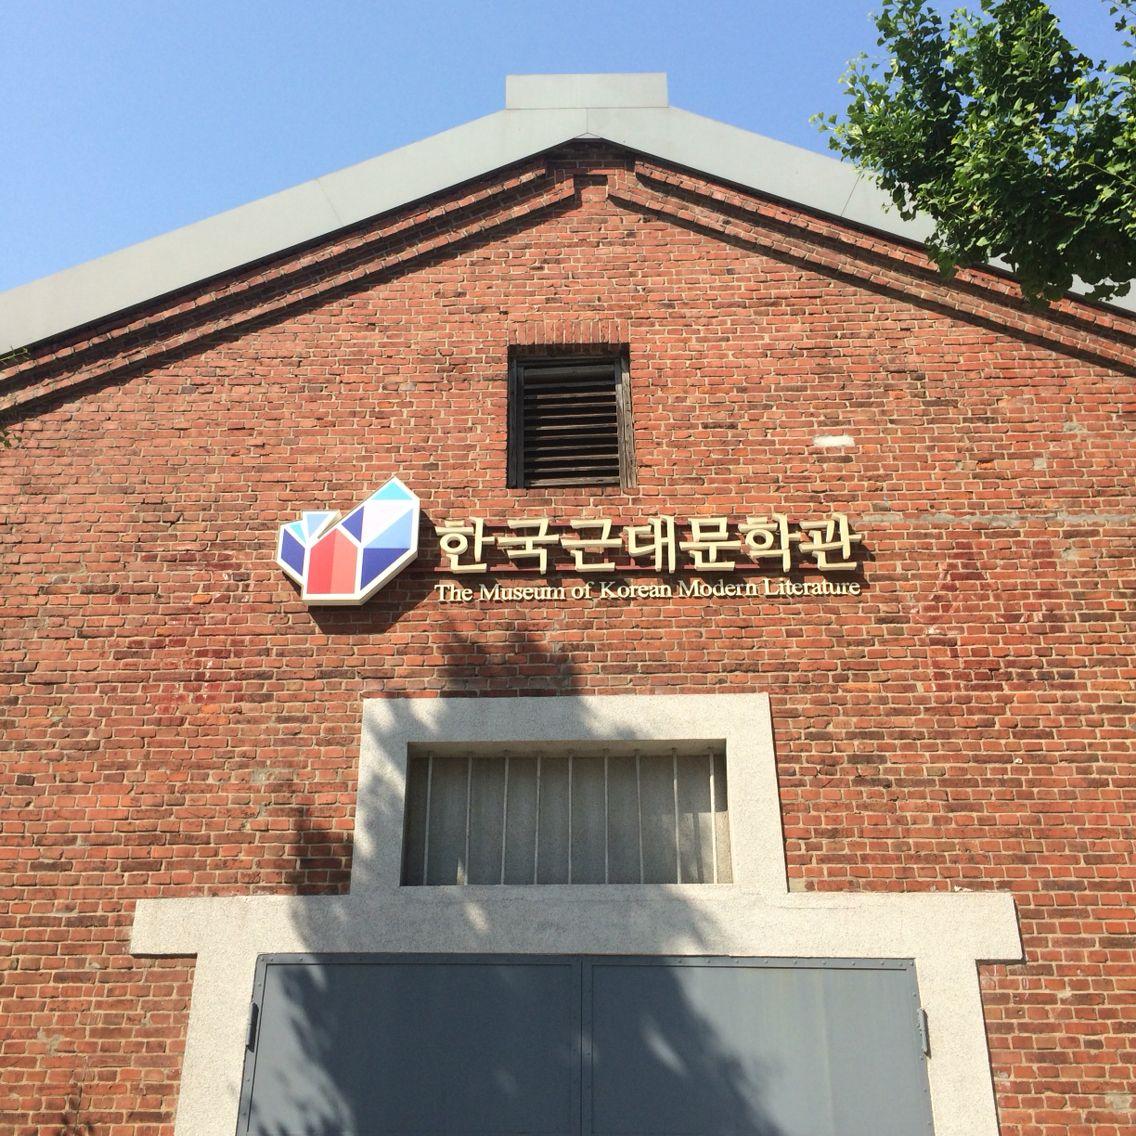 인천 신포역으로 가서 일제시대 부두창고 건물을 멋지게 재생한 근대문학관을 둘러 보았습니다.